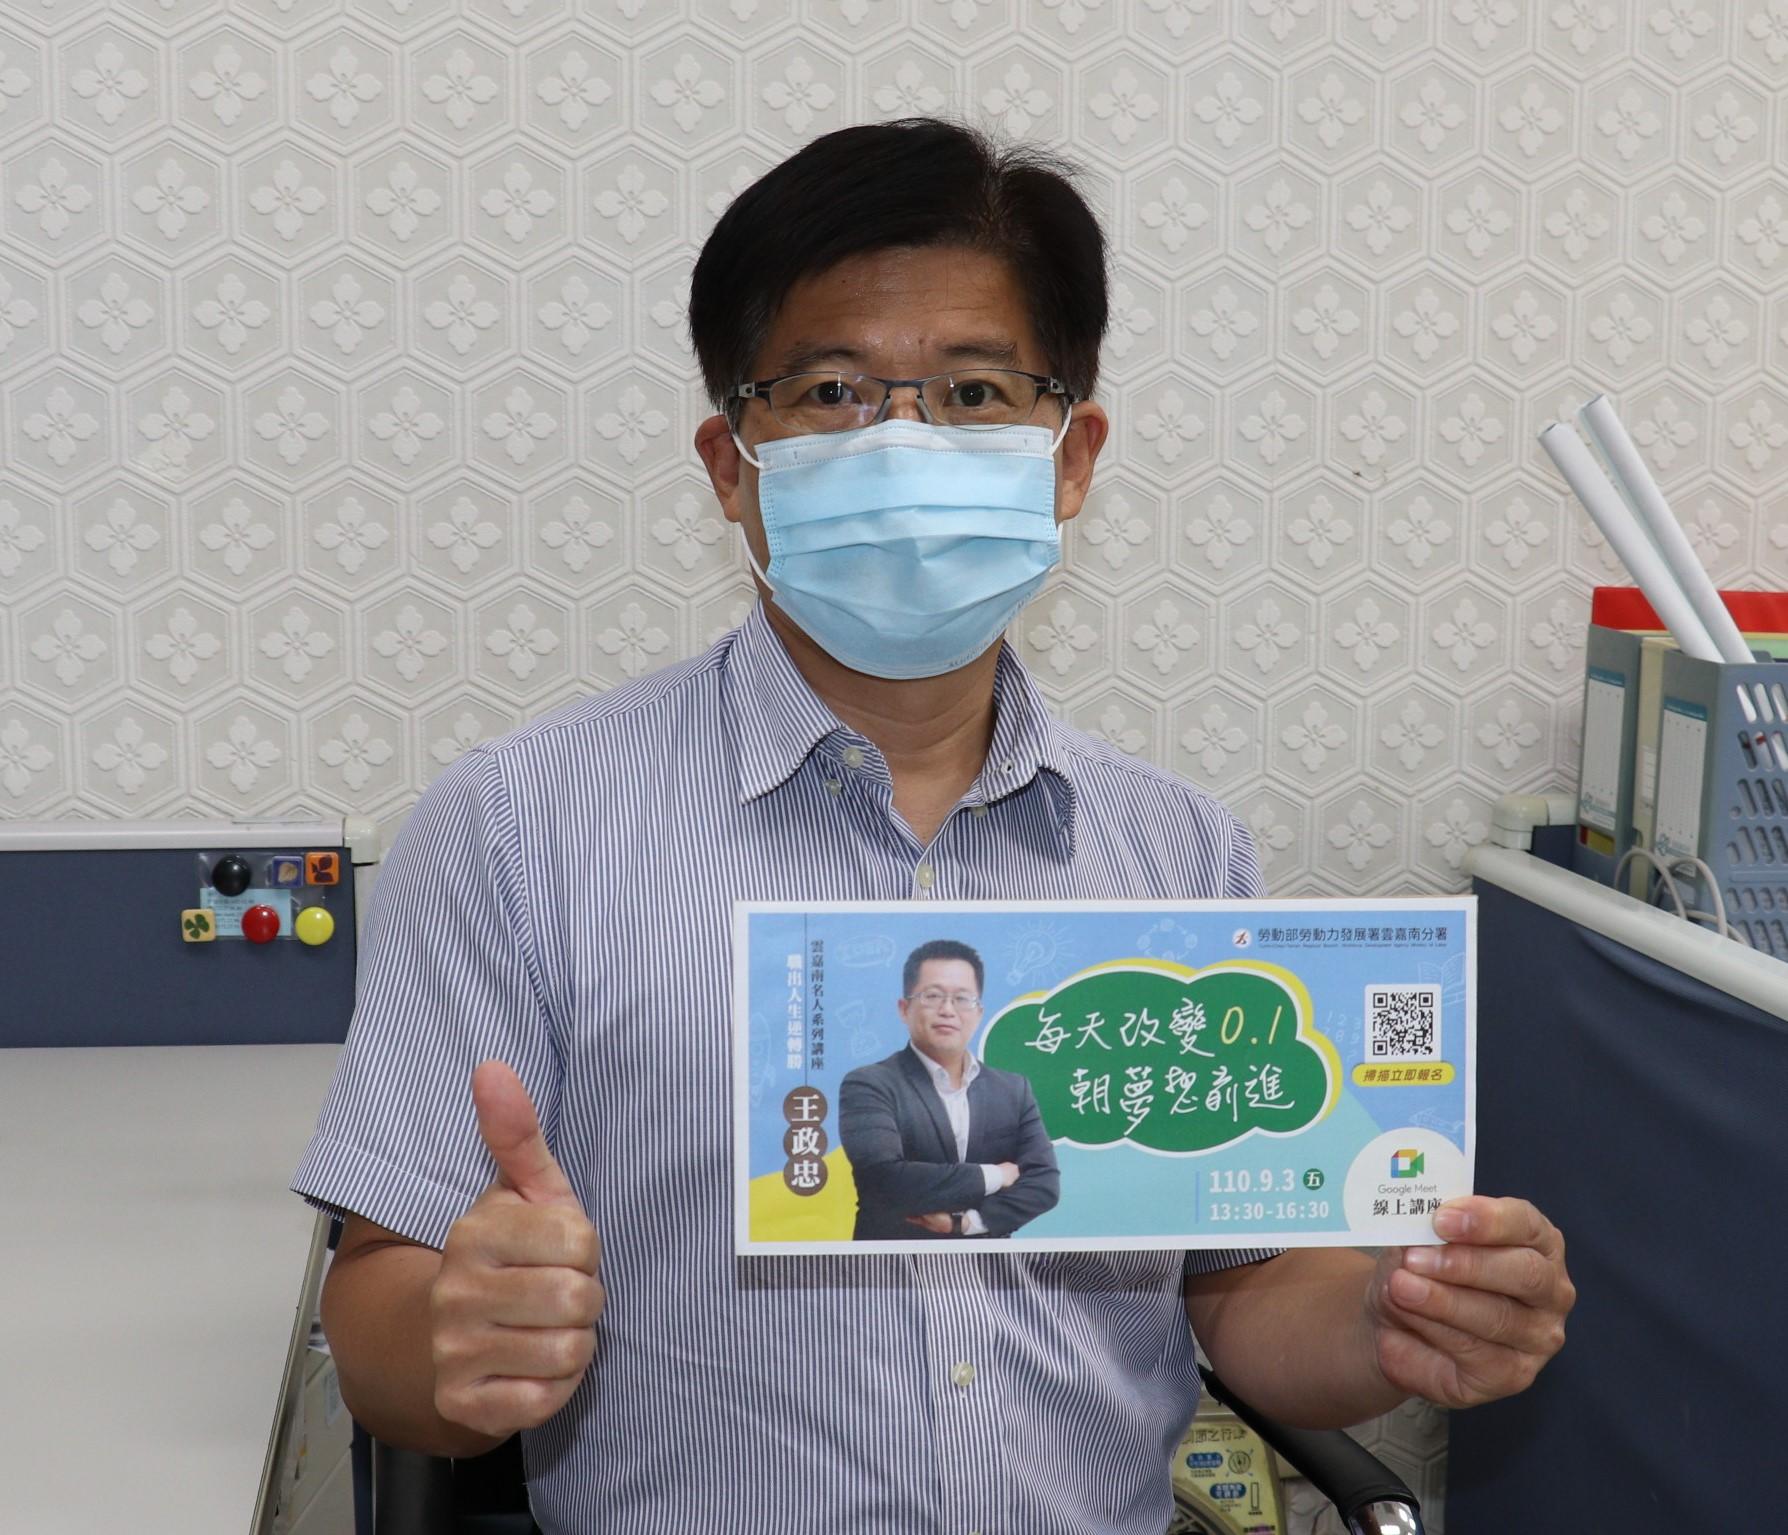 「職出人生逆轉勝」 熱血教師王政忠9/3線上開講